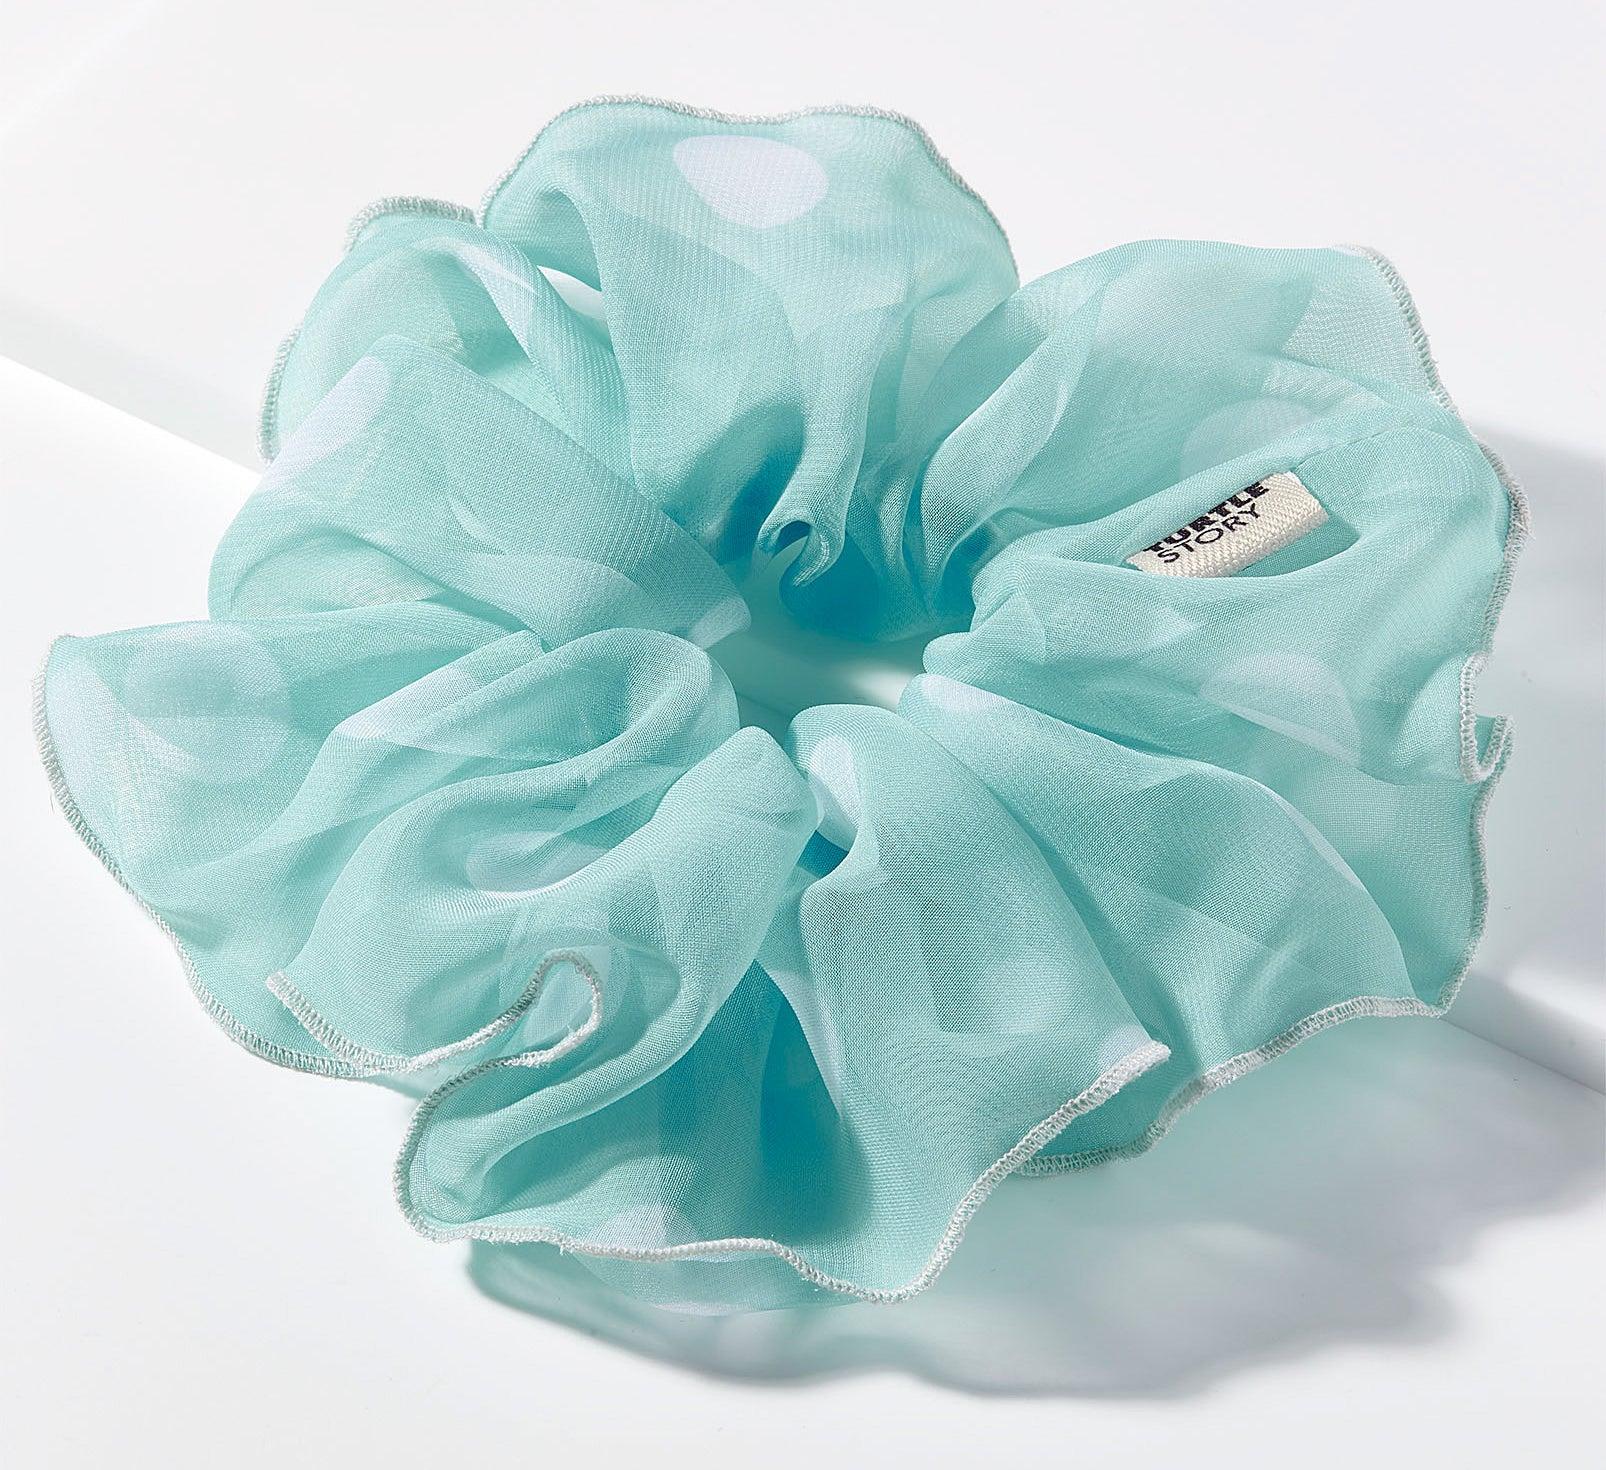 A poufy scrunchie on a plain white background